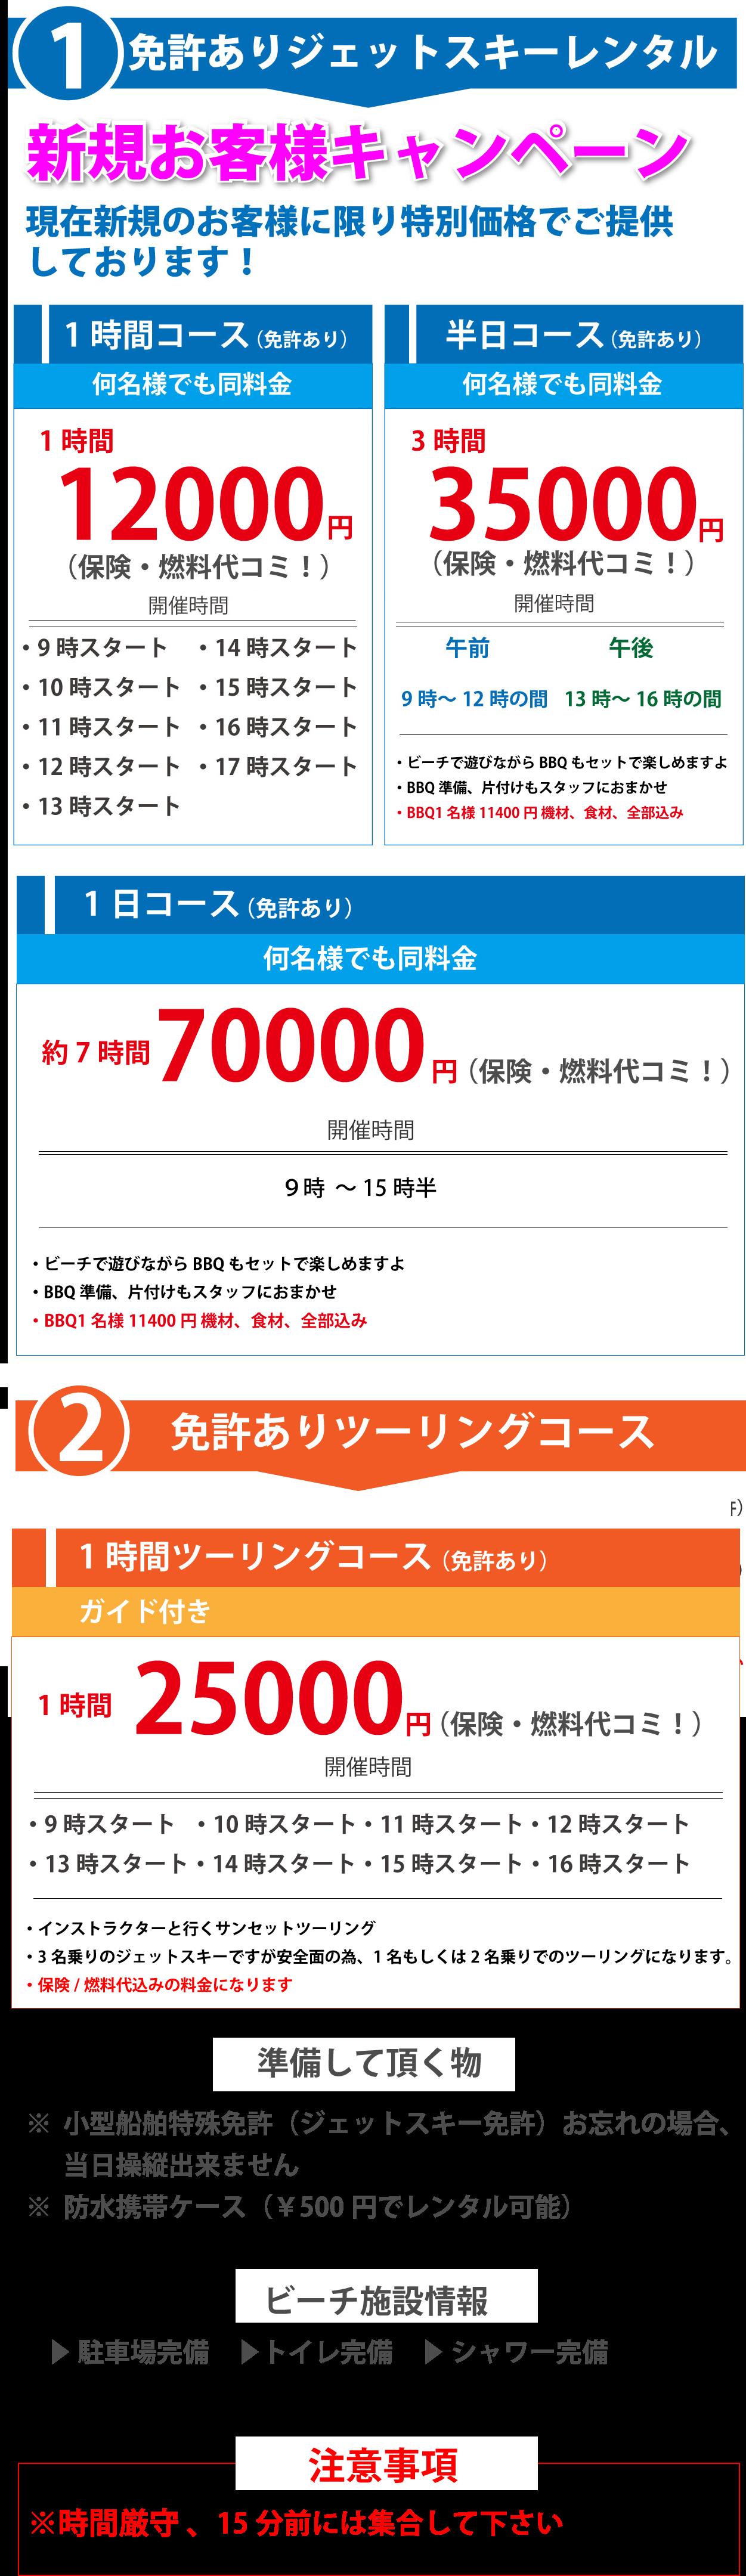 免許ありツーリングコース02